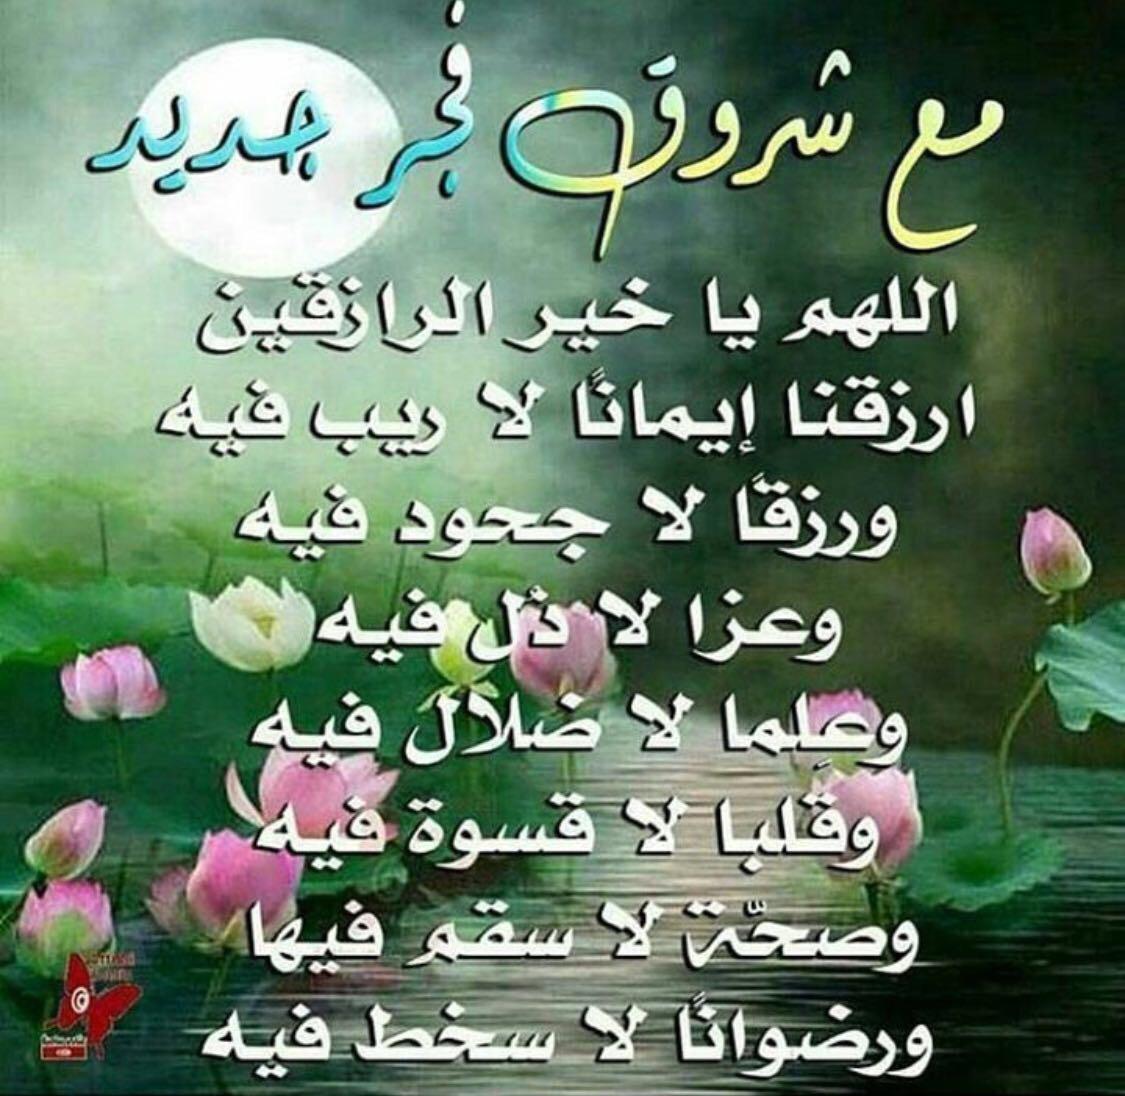 بالصور ادعية صباحية , اروع الادعية الصباحية 2369 11